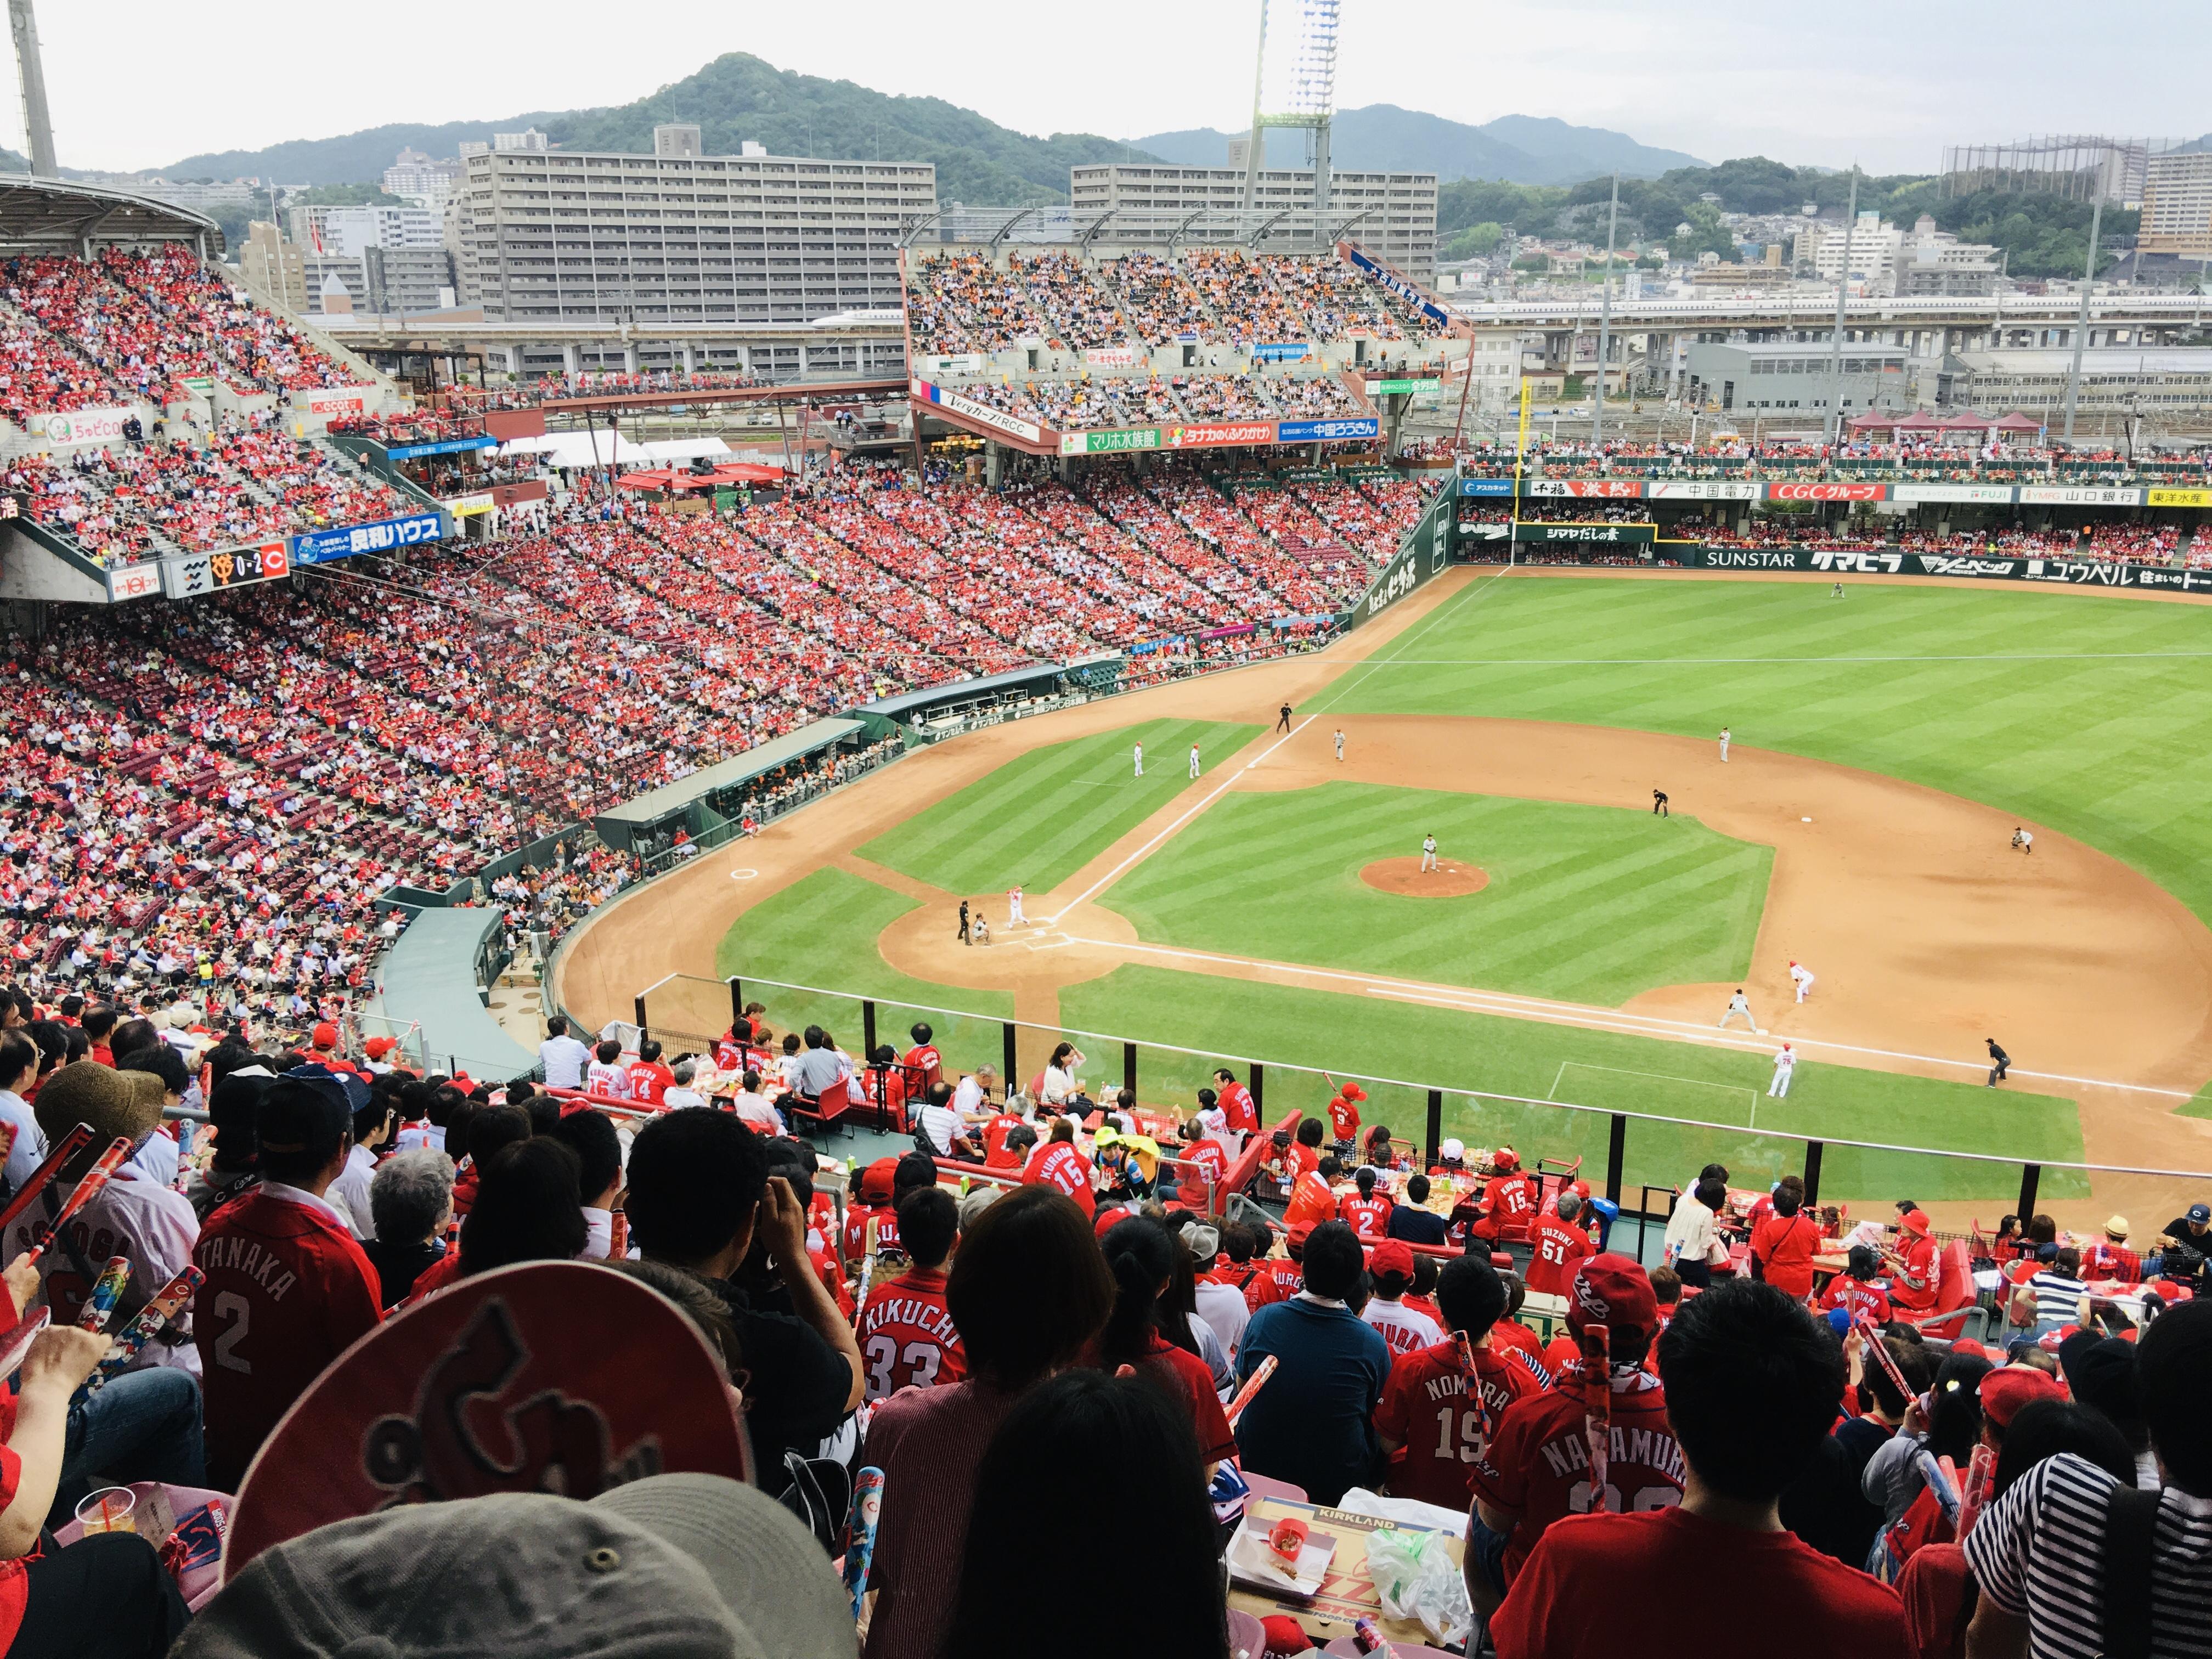 広島カープを応援するファンの様子